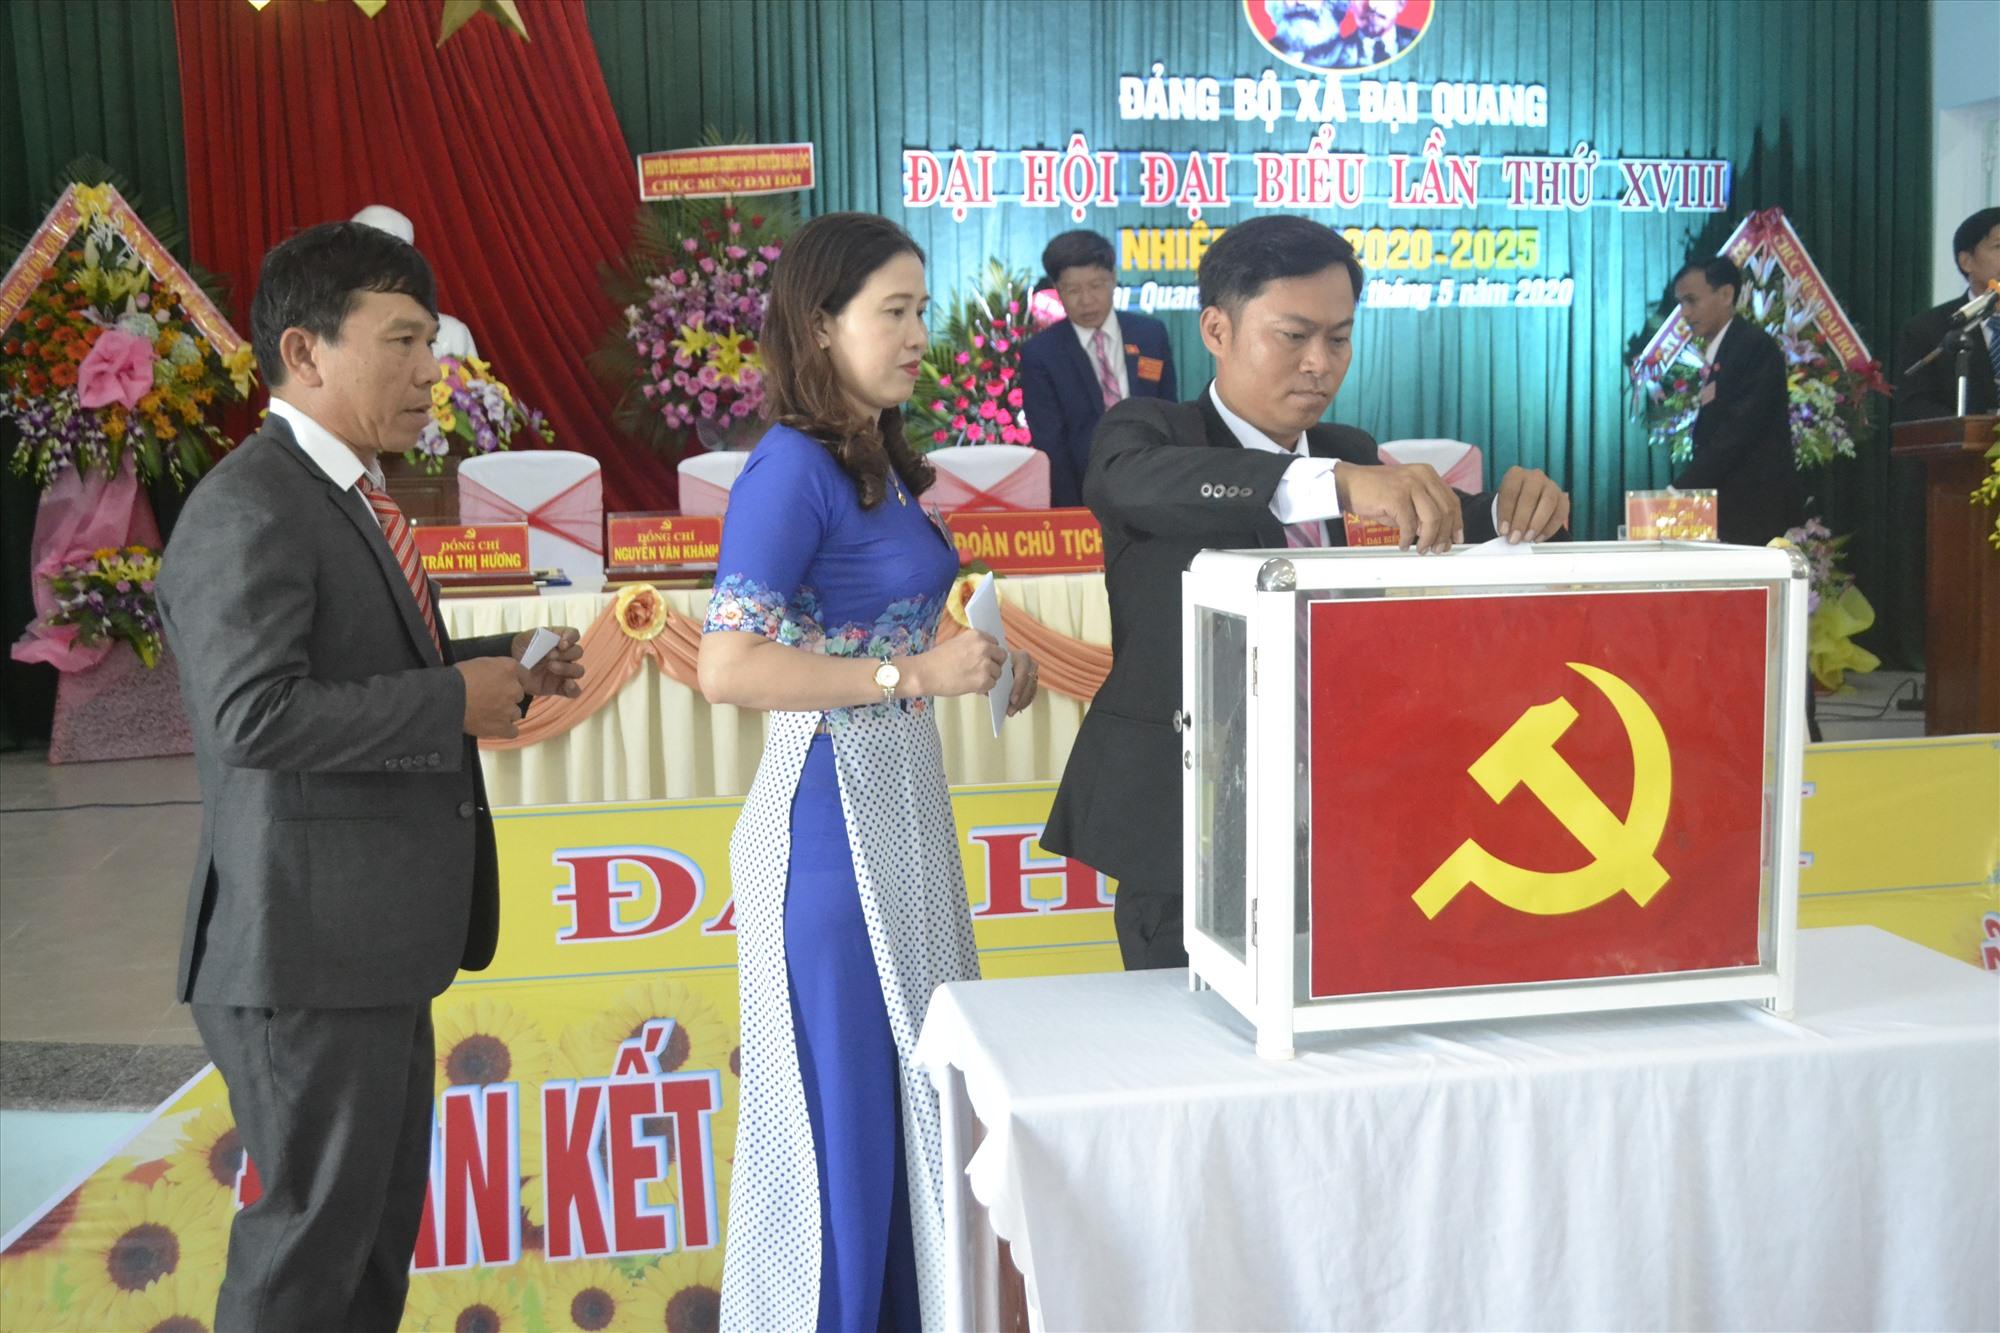 Bầu cử Ban Chấp hành Đảng bộ xã khóa XVIII. Ảnh: CT